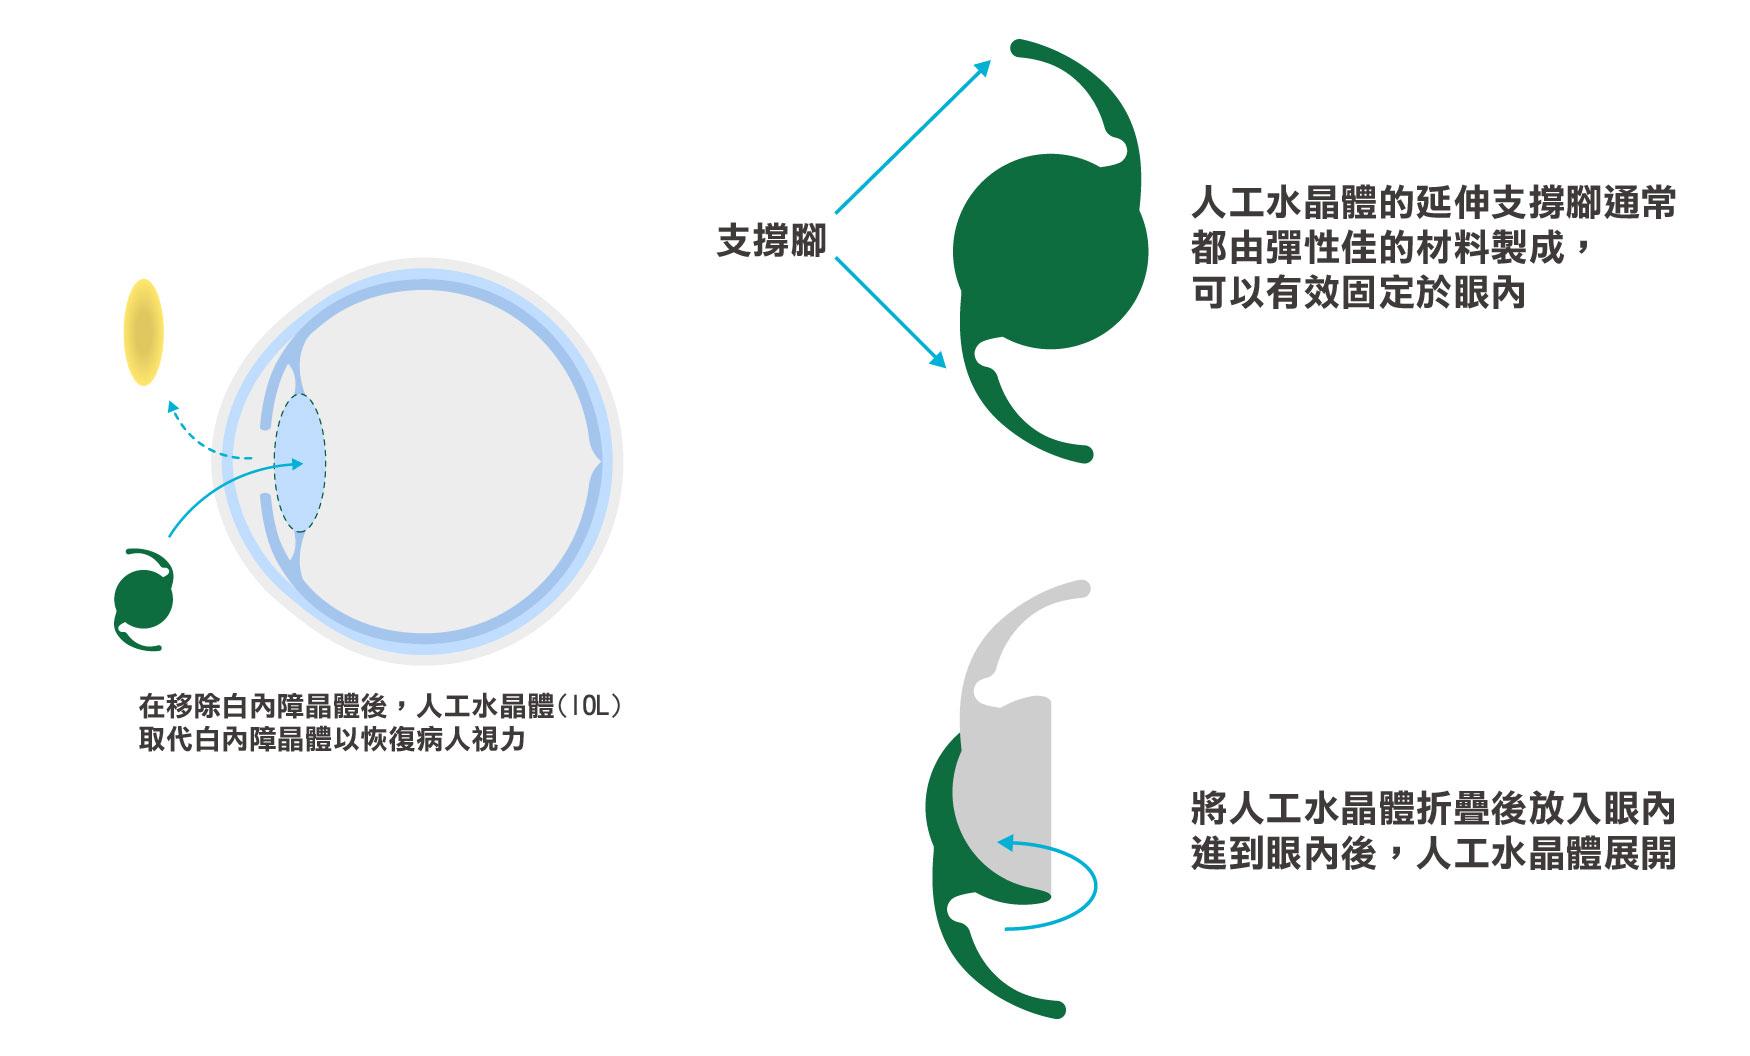 白內障手術期間 ,人工晶狀體如何替換自然水晶體